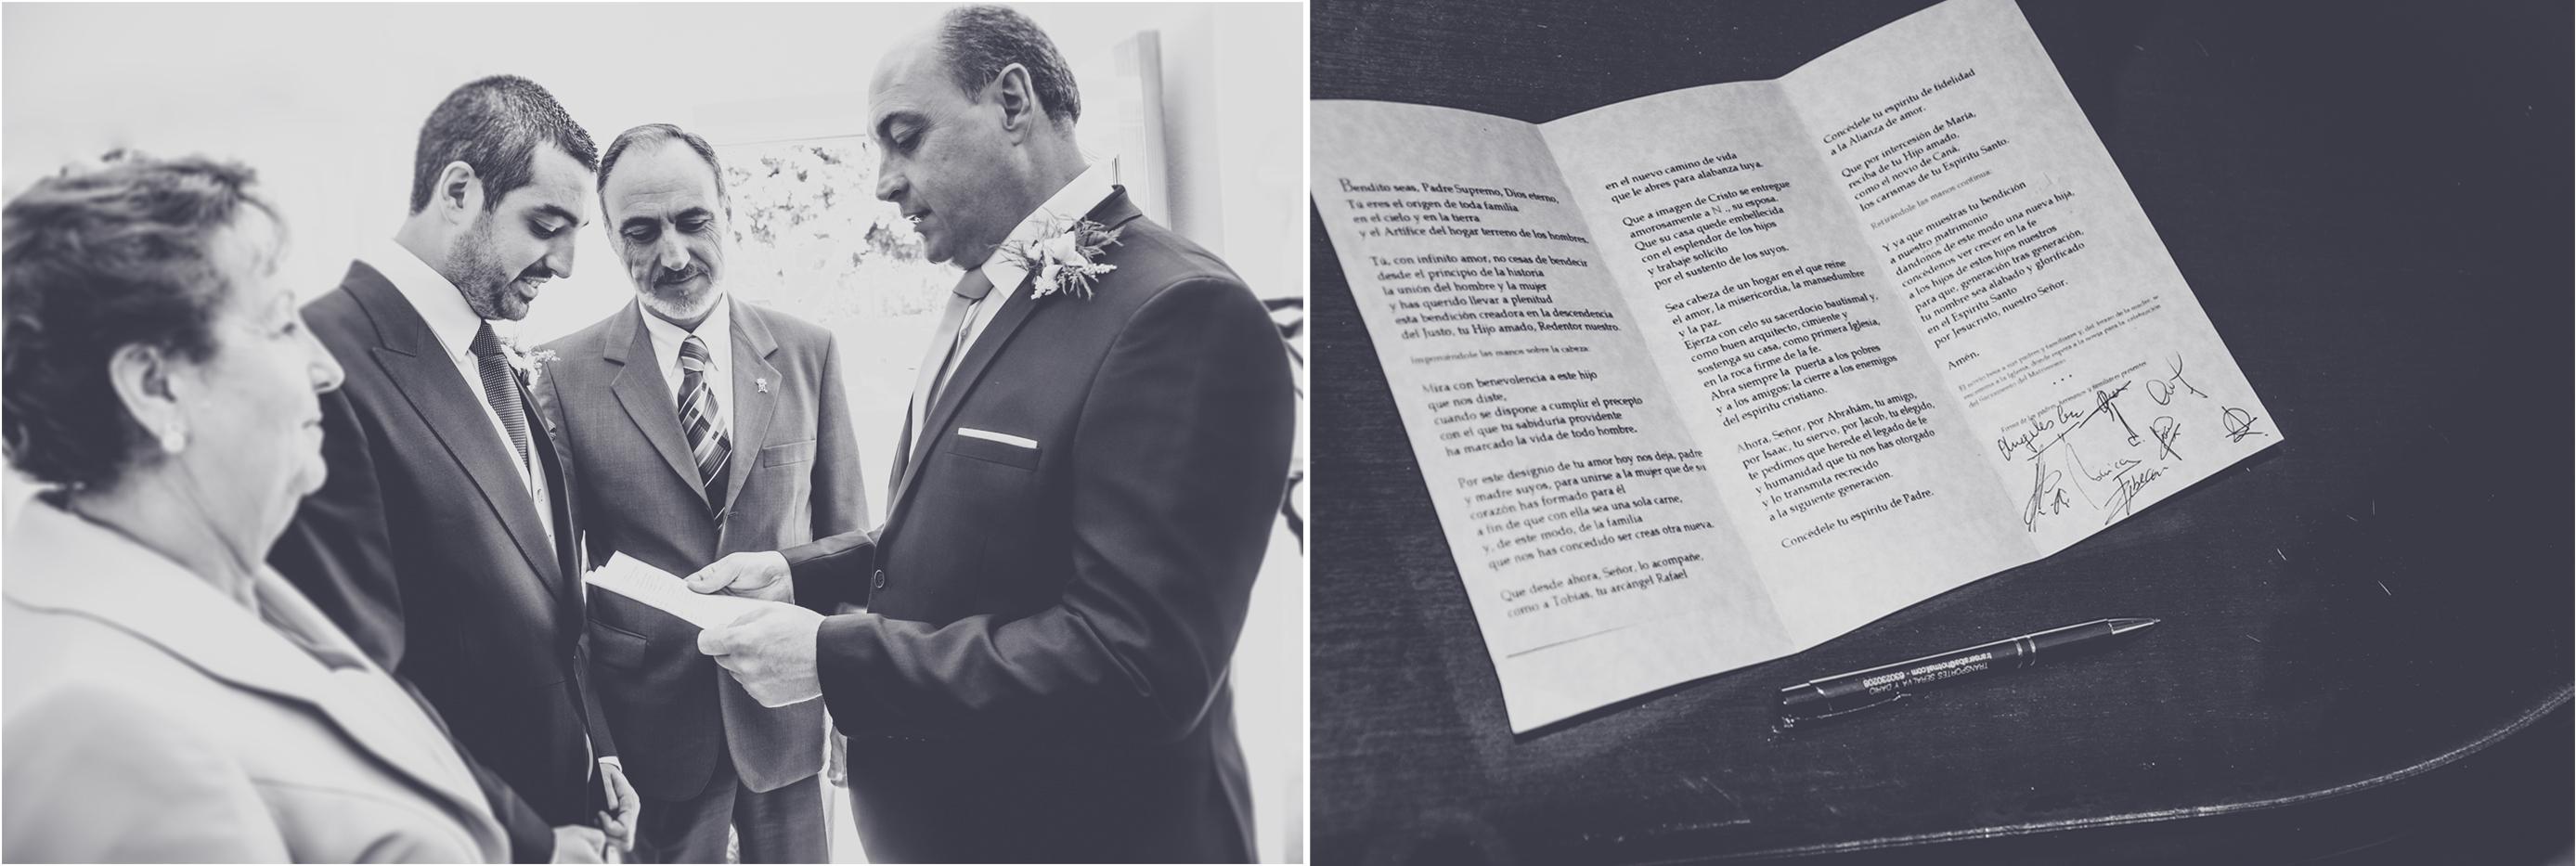 fotógrafos de boda en la iglesia de los franciscanos- dando las bendiciones